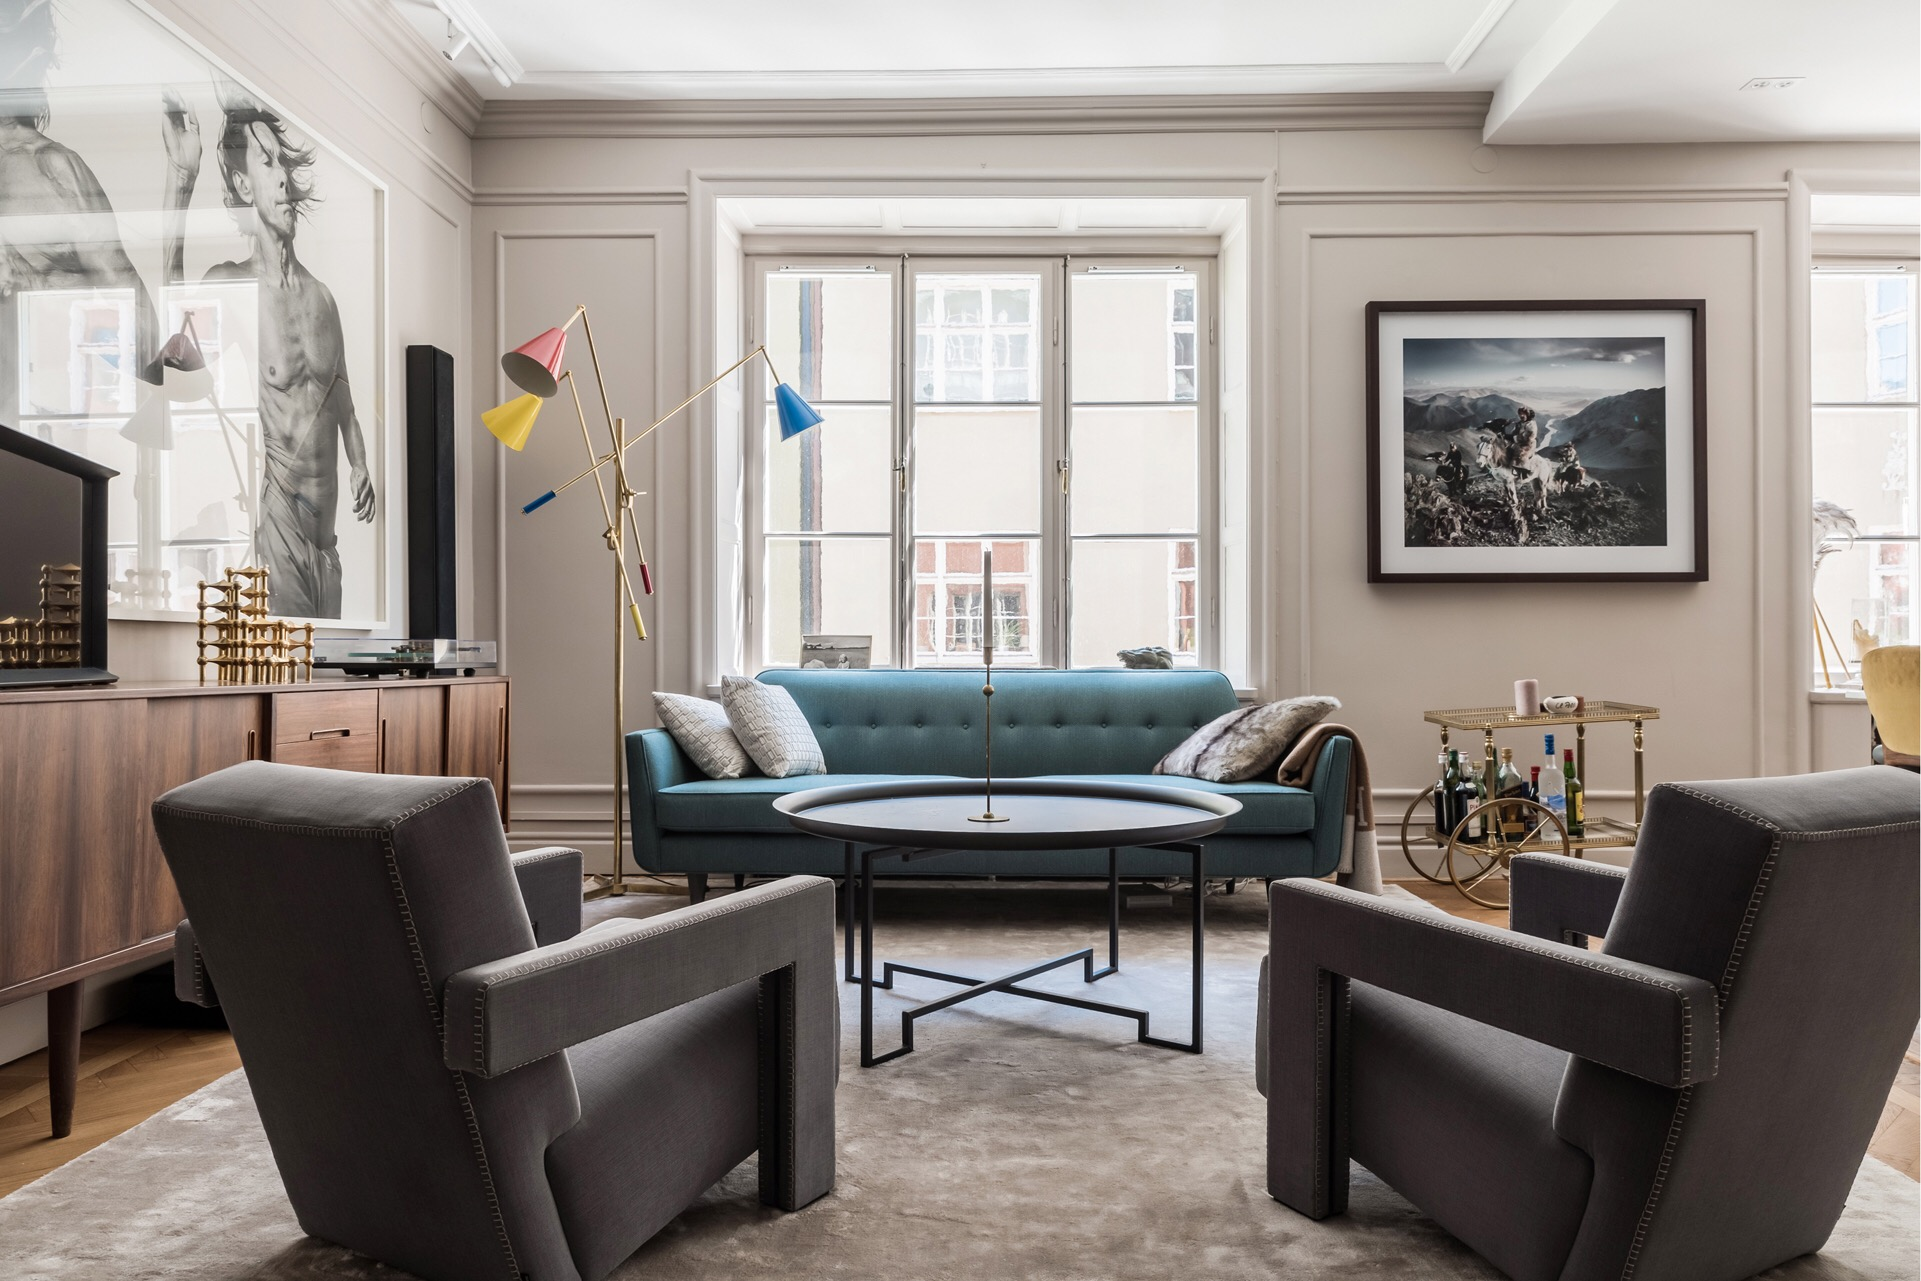 гостиная диван кресла комод